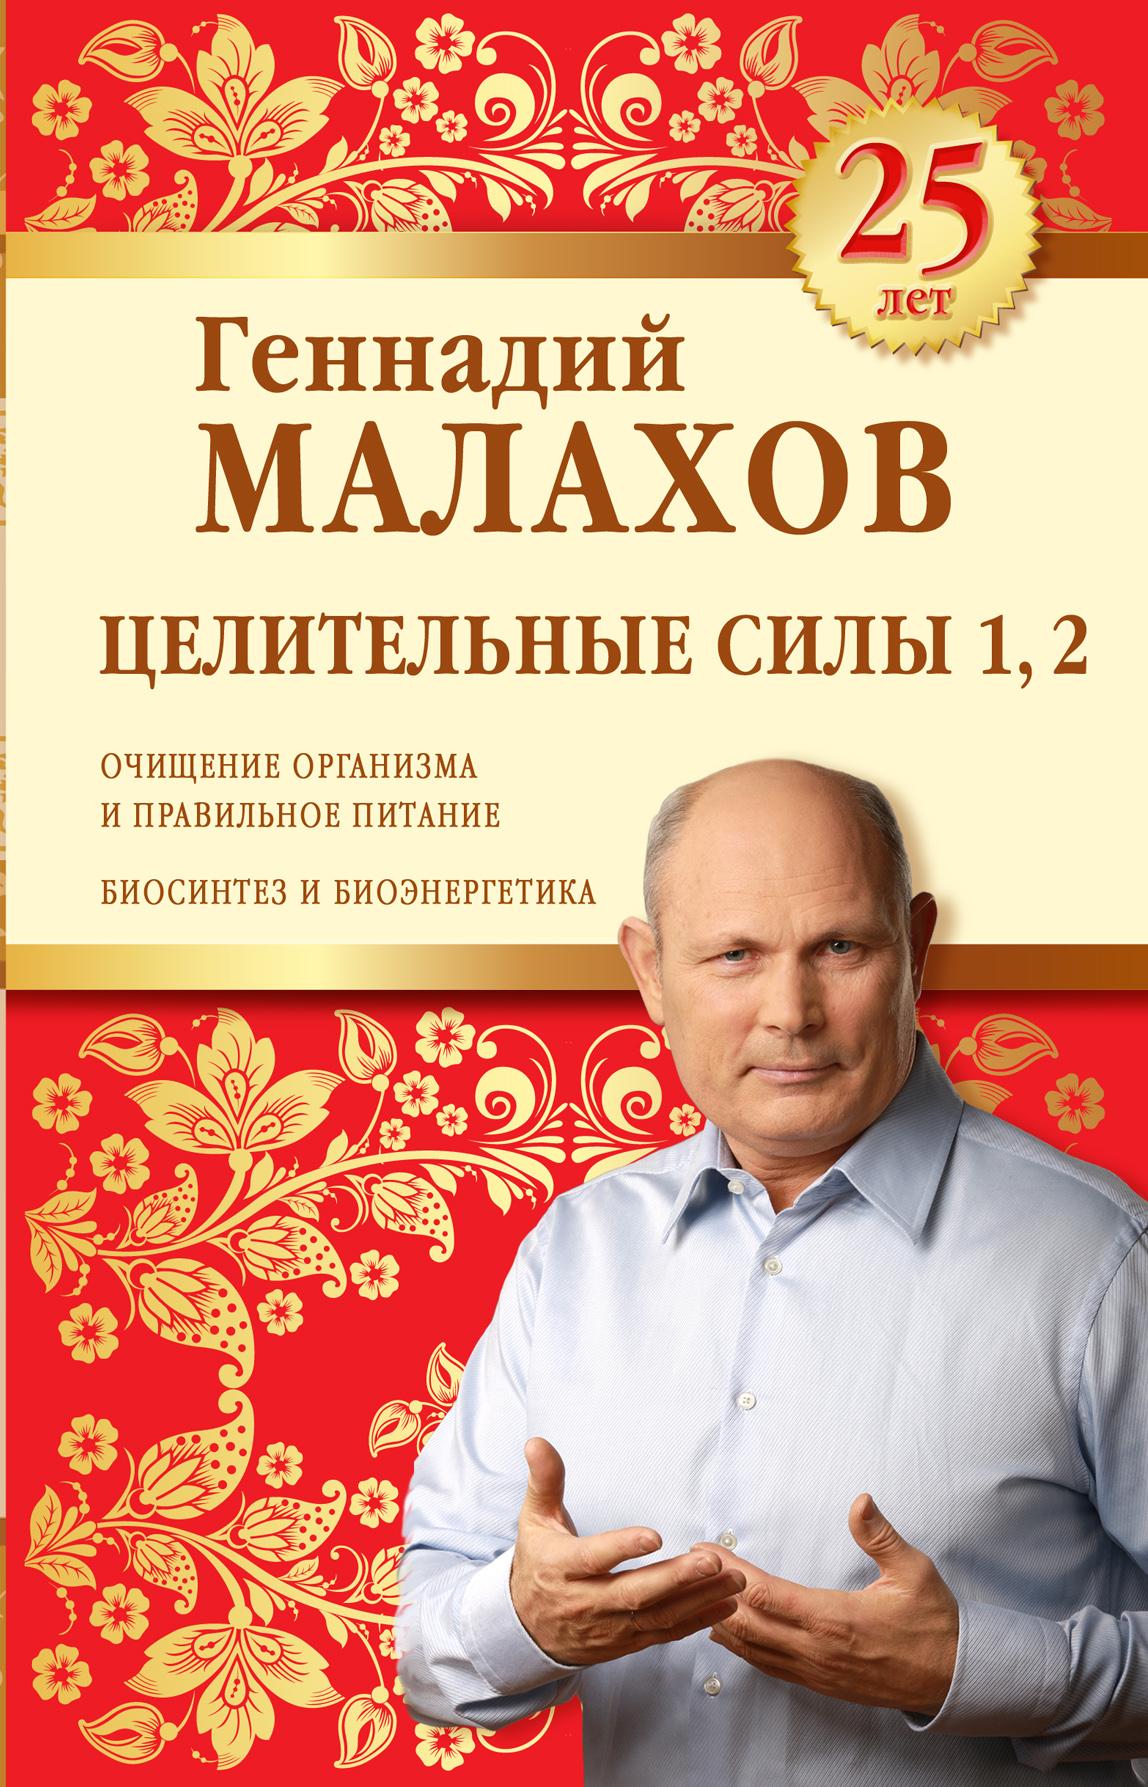 Геннадий Малахов Целительные силы 1, 2. Юбилейное издание г п малахов целительные силы том 1 очищение организма